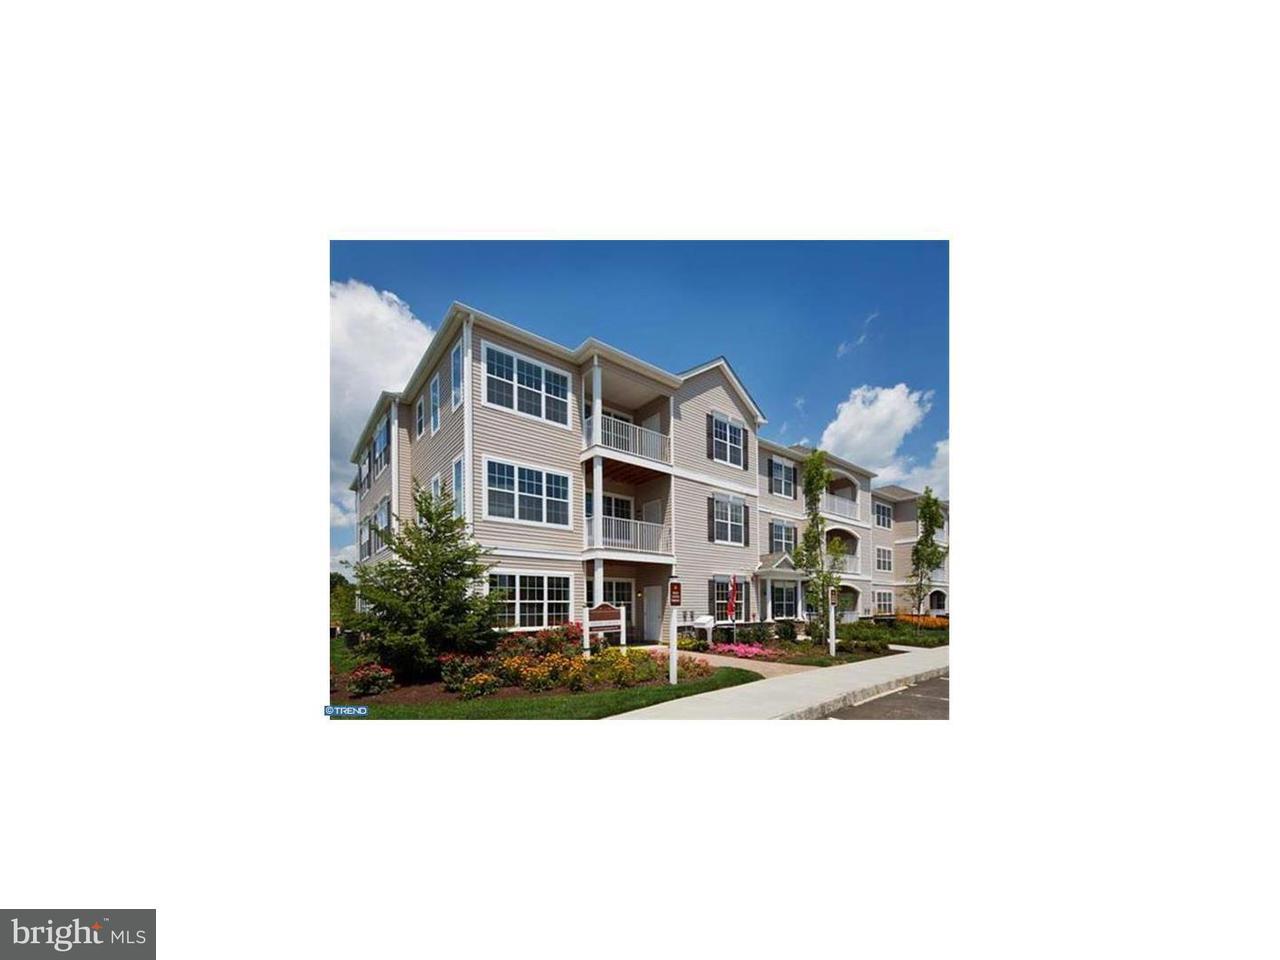 Частный односемейный дом для того Аренда на 238 TIMBERLAKE Drive Ewing, Нью-Джерси 08618 Соединенные ШтатыВ/Около: Ewing Township